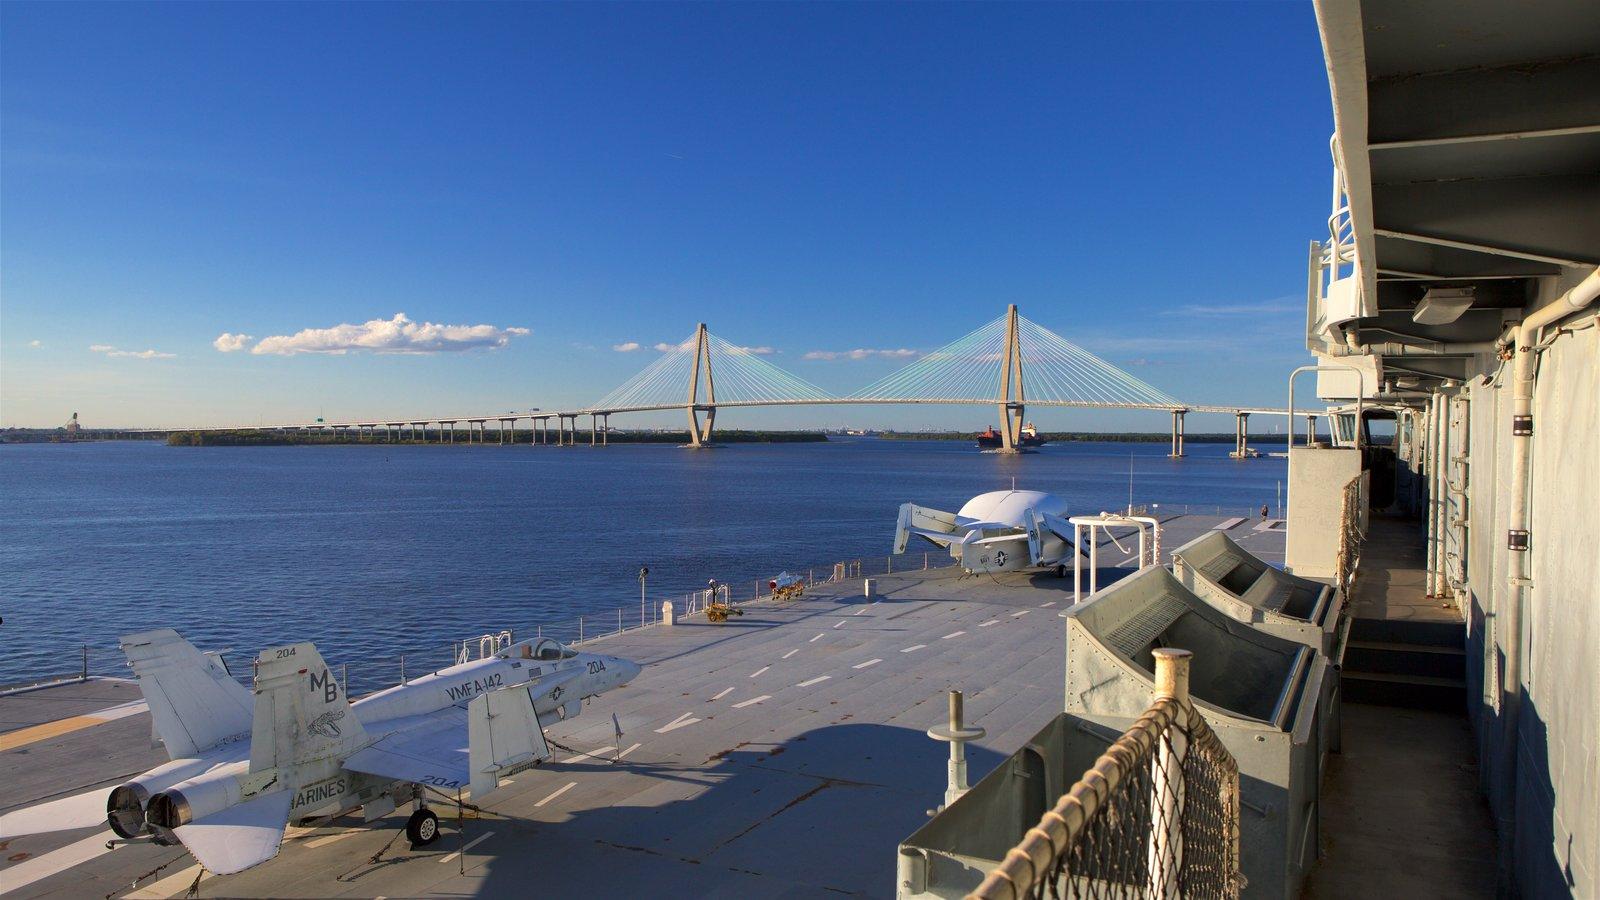 USS Yorktown caracterizando aeronave, um pôr do sol e itens militares